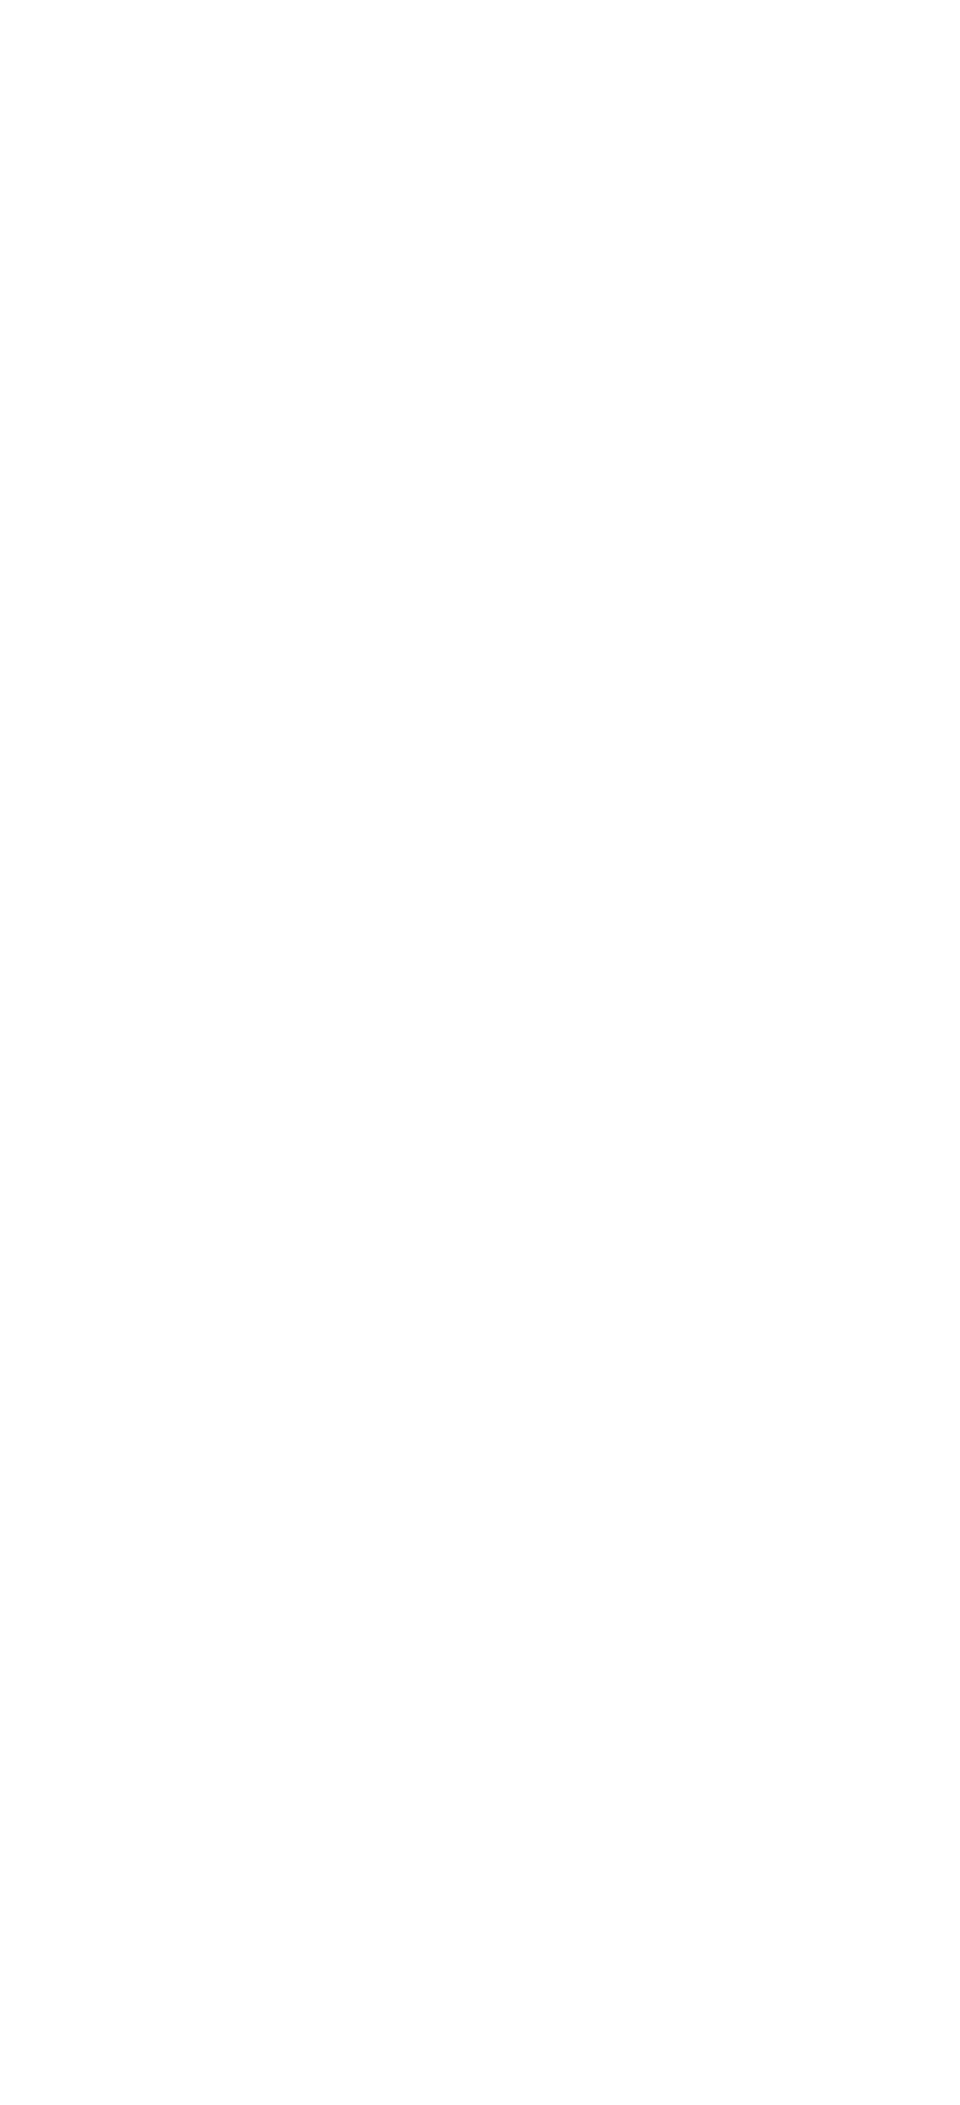 Fk Eik Tønsberg logo